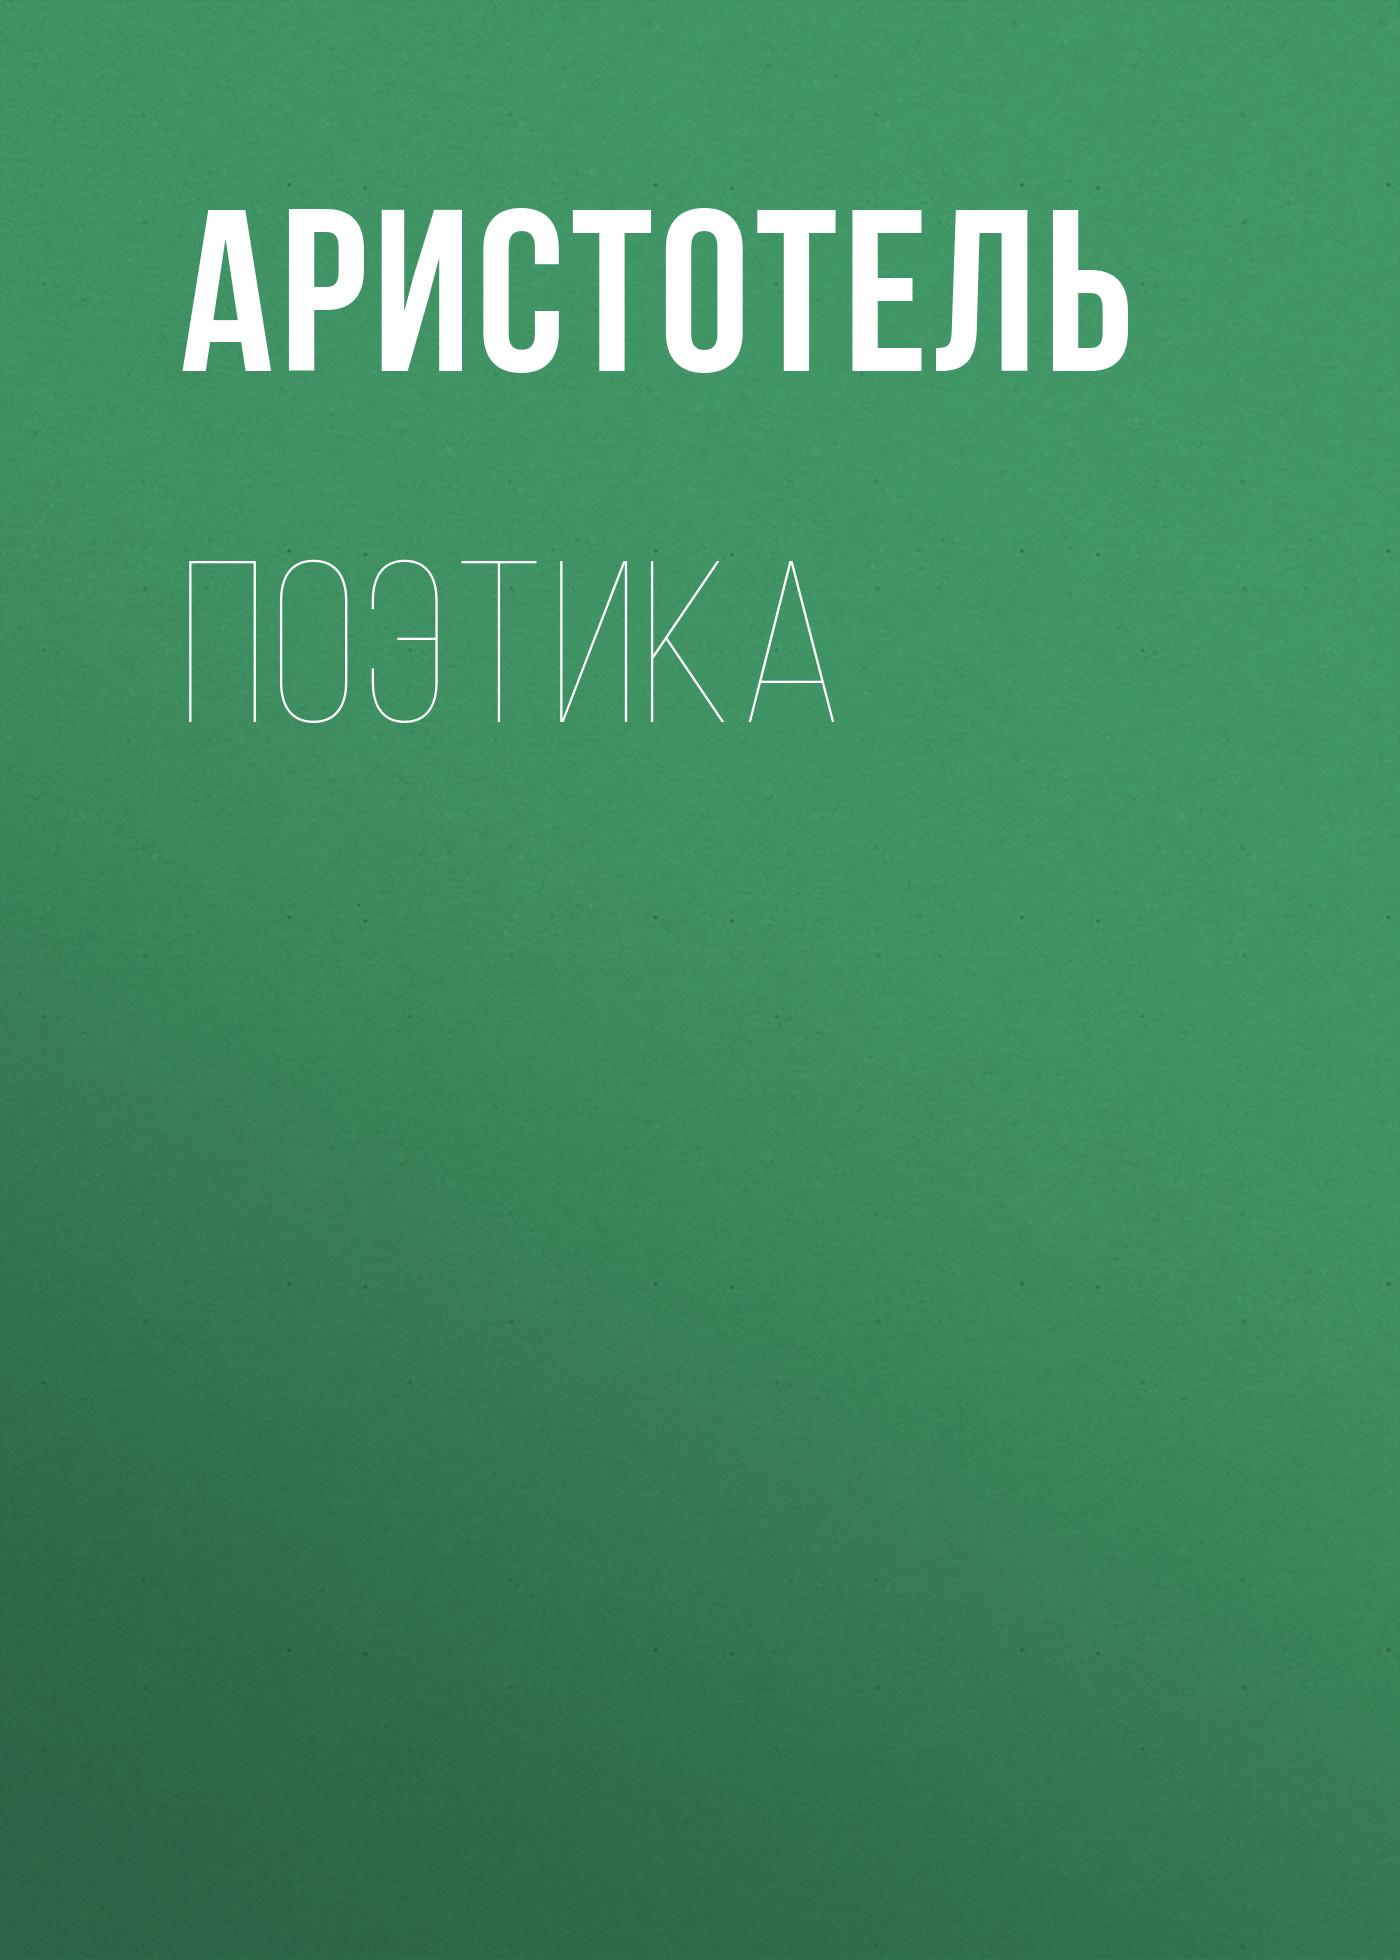 Купить книгу Поэтика, автора Аристотеля